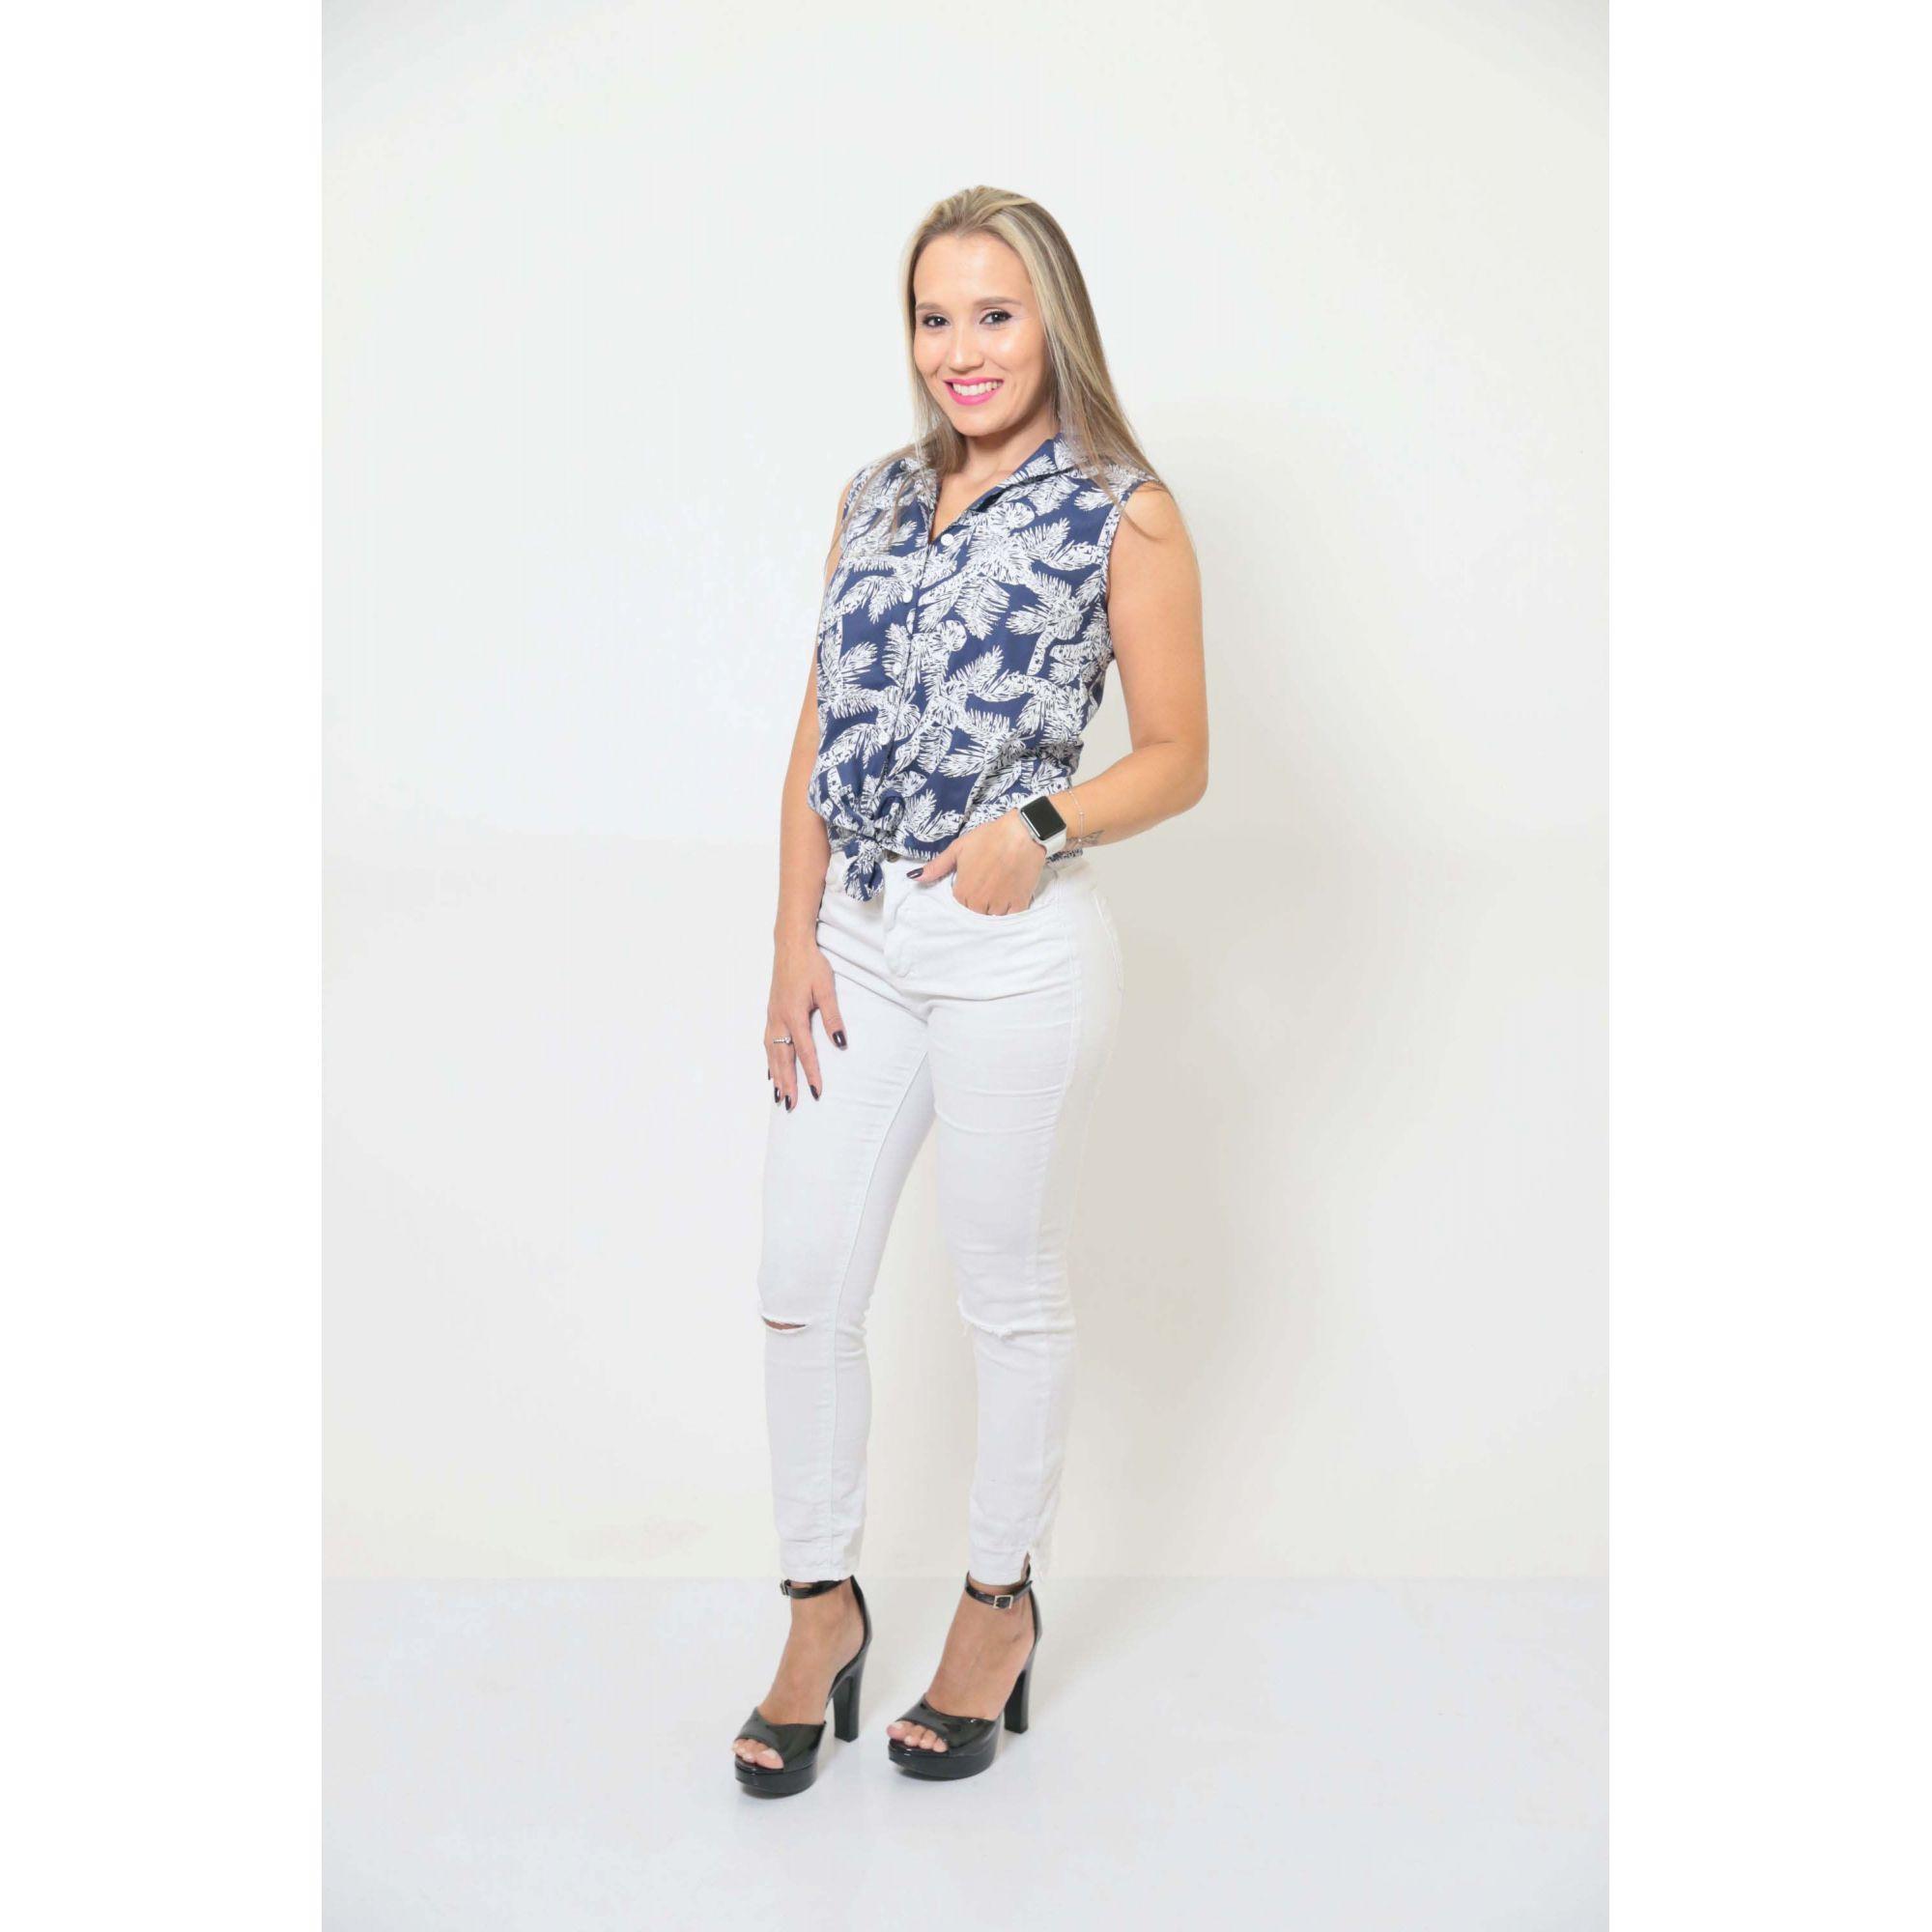 PAIS E FILHOS > Kit 3 peças Camisas Social Azul Floresta [Coleção Família]  - Heitor Fashion Brazil